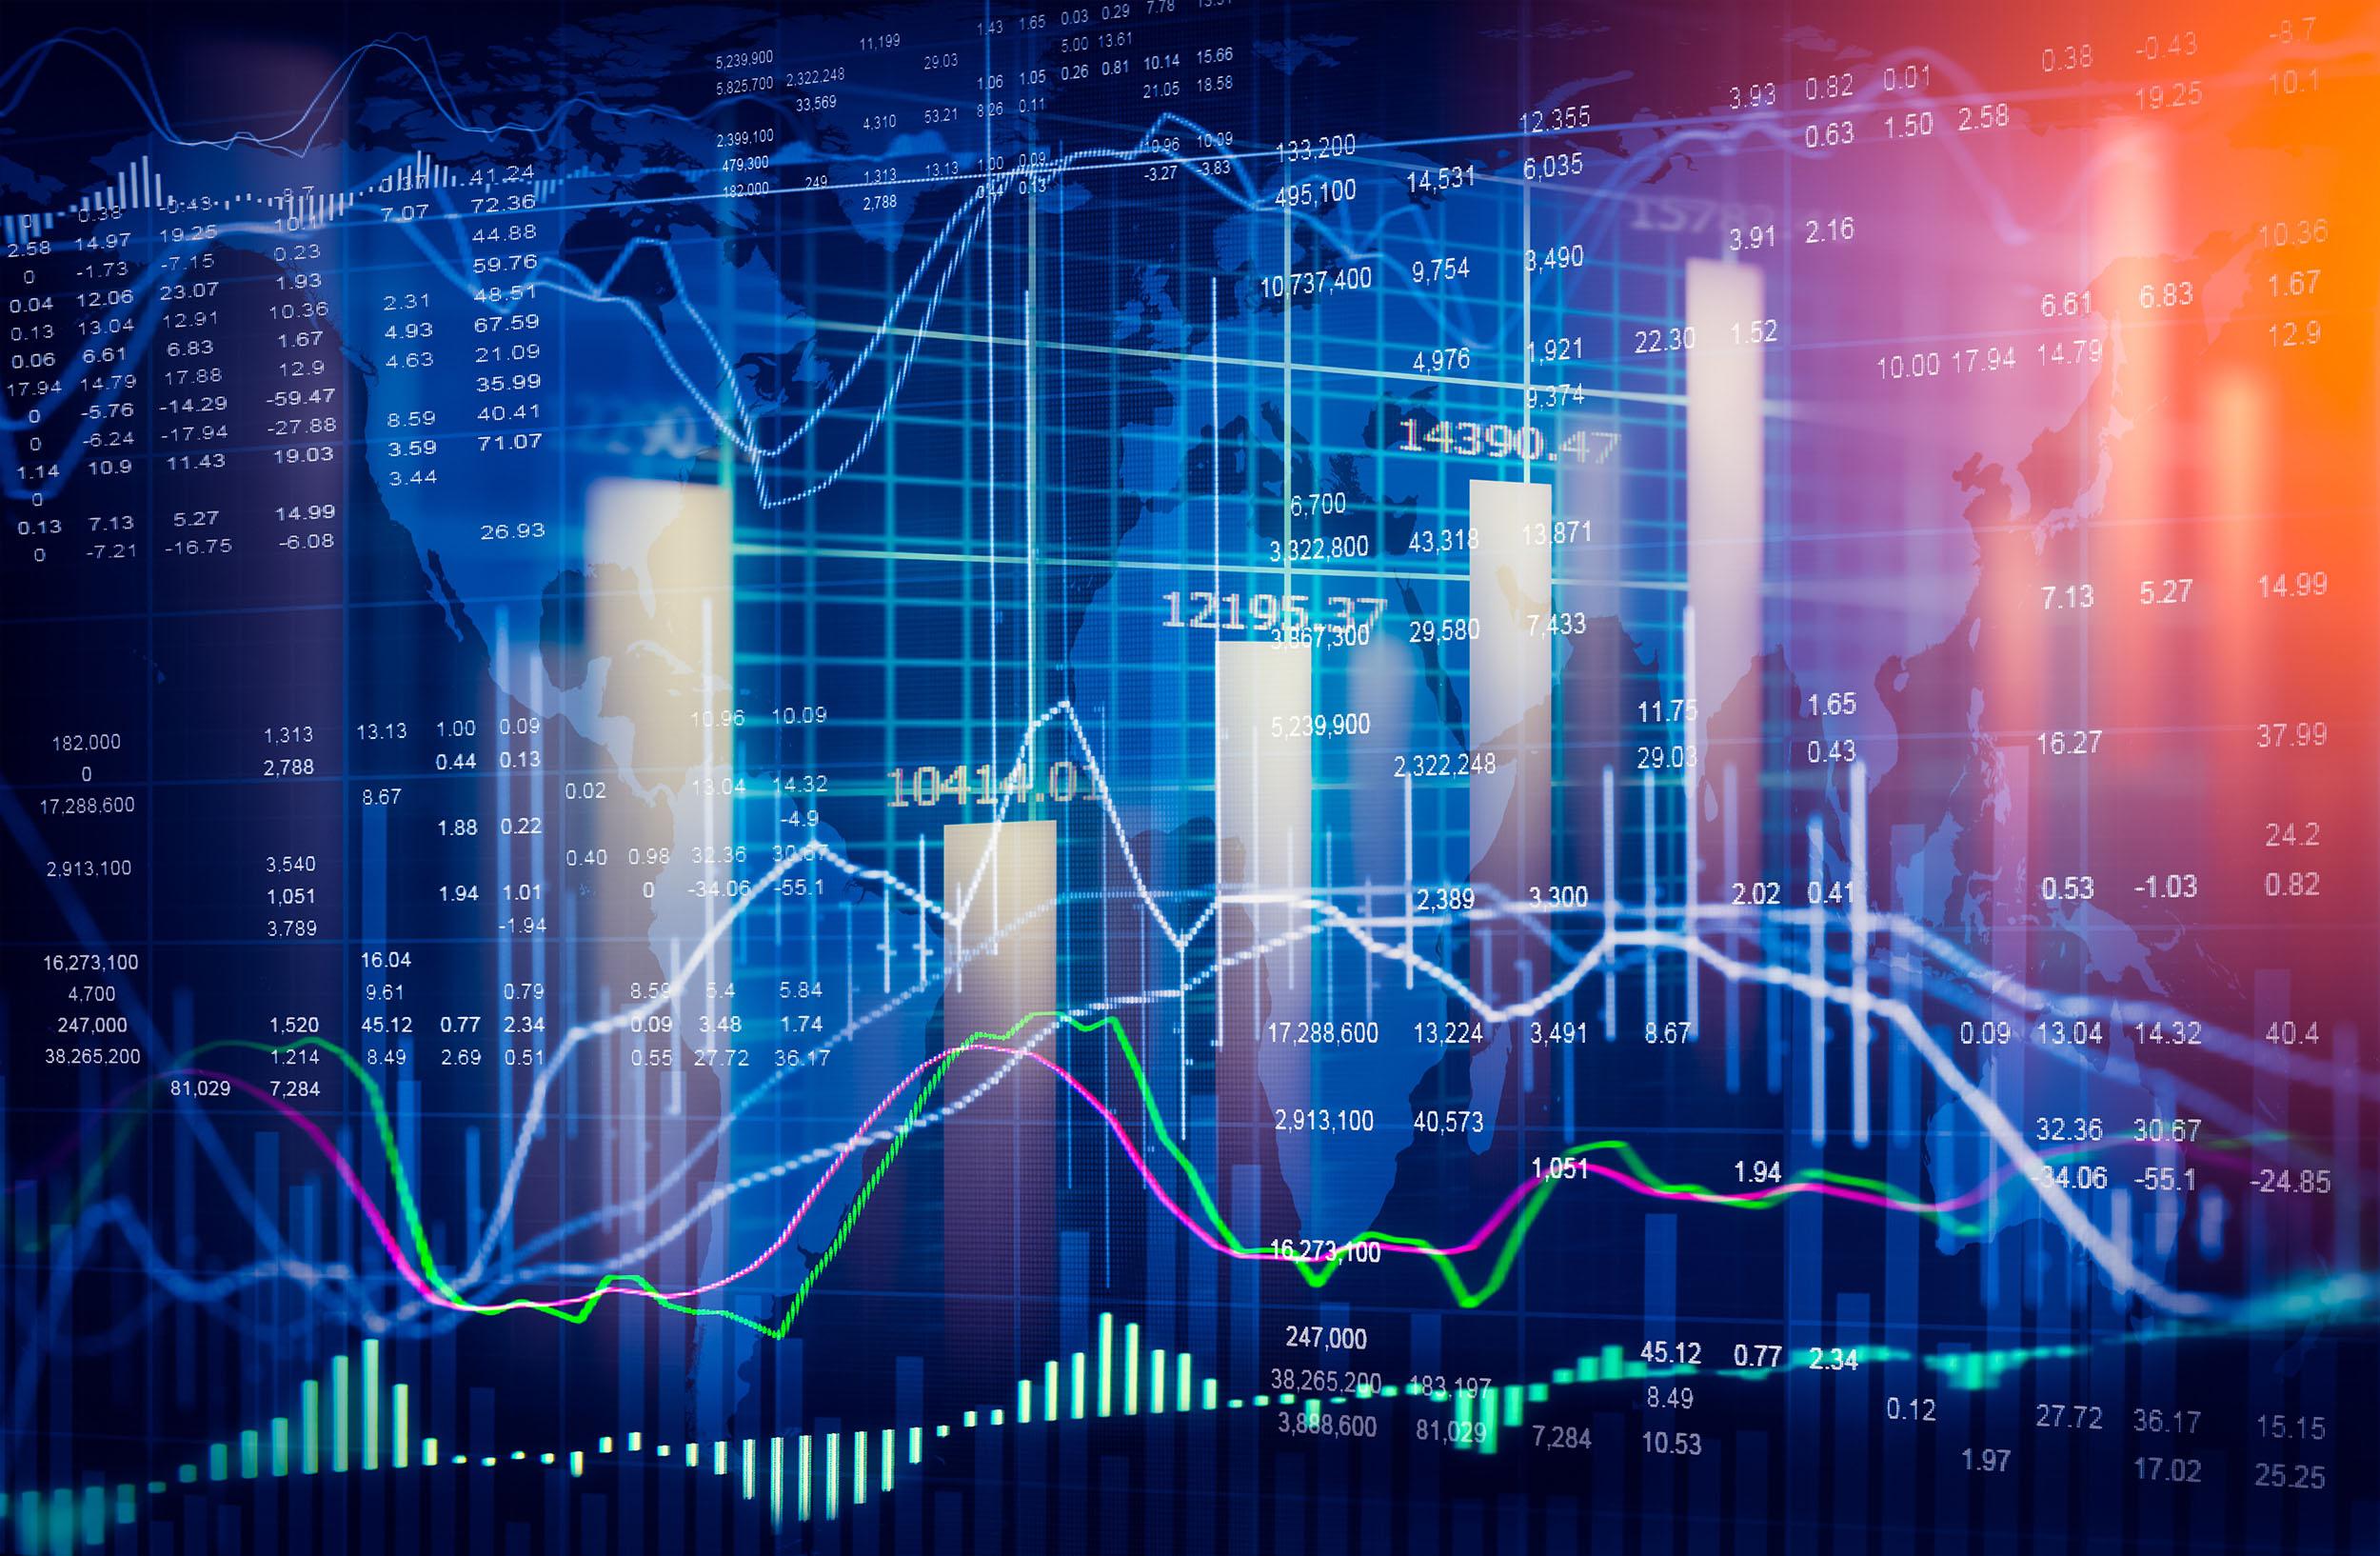 Technical analysis for EURUSD, NZDUSD and USDJPY